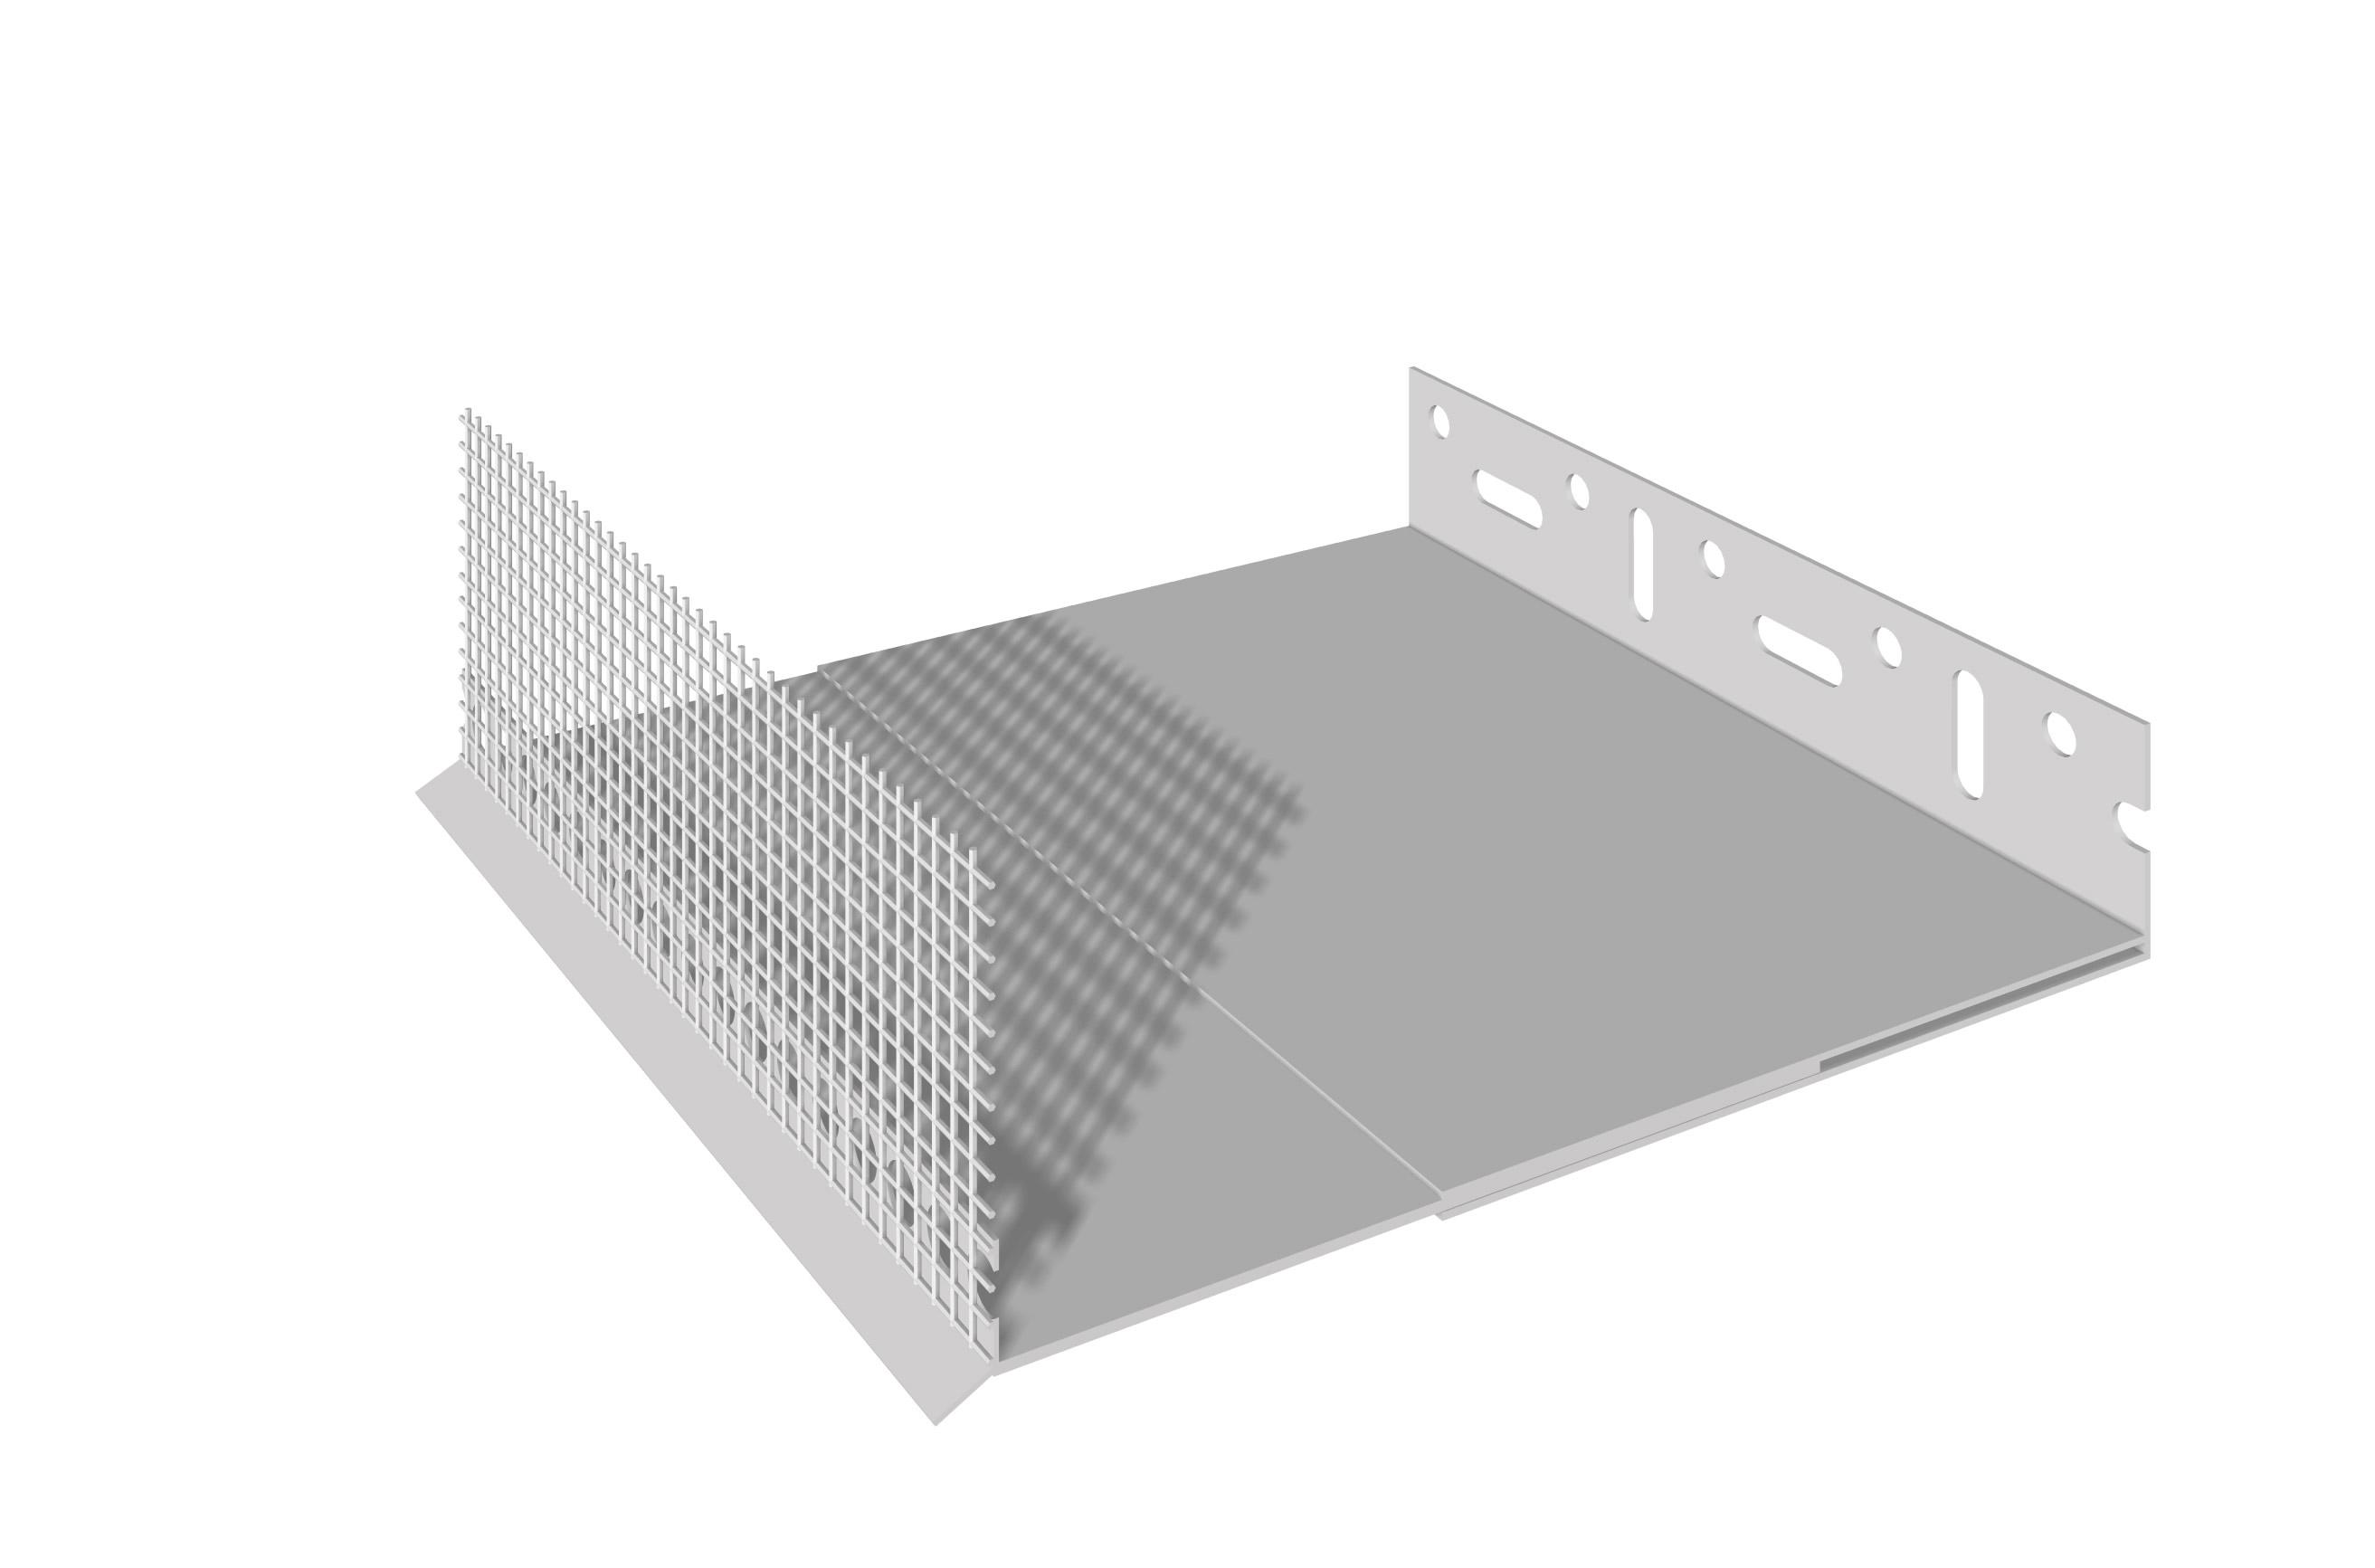 PERFIL DE ARRANQUE EM PVC: Perfil de arranque em PVC